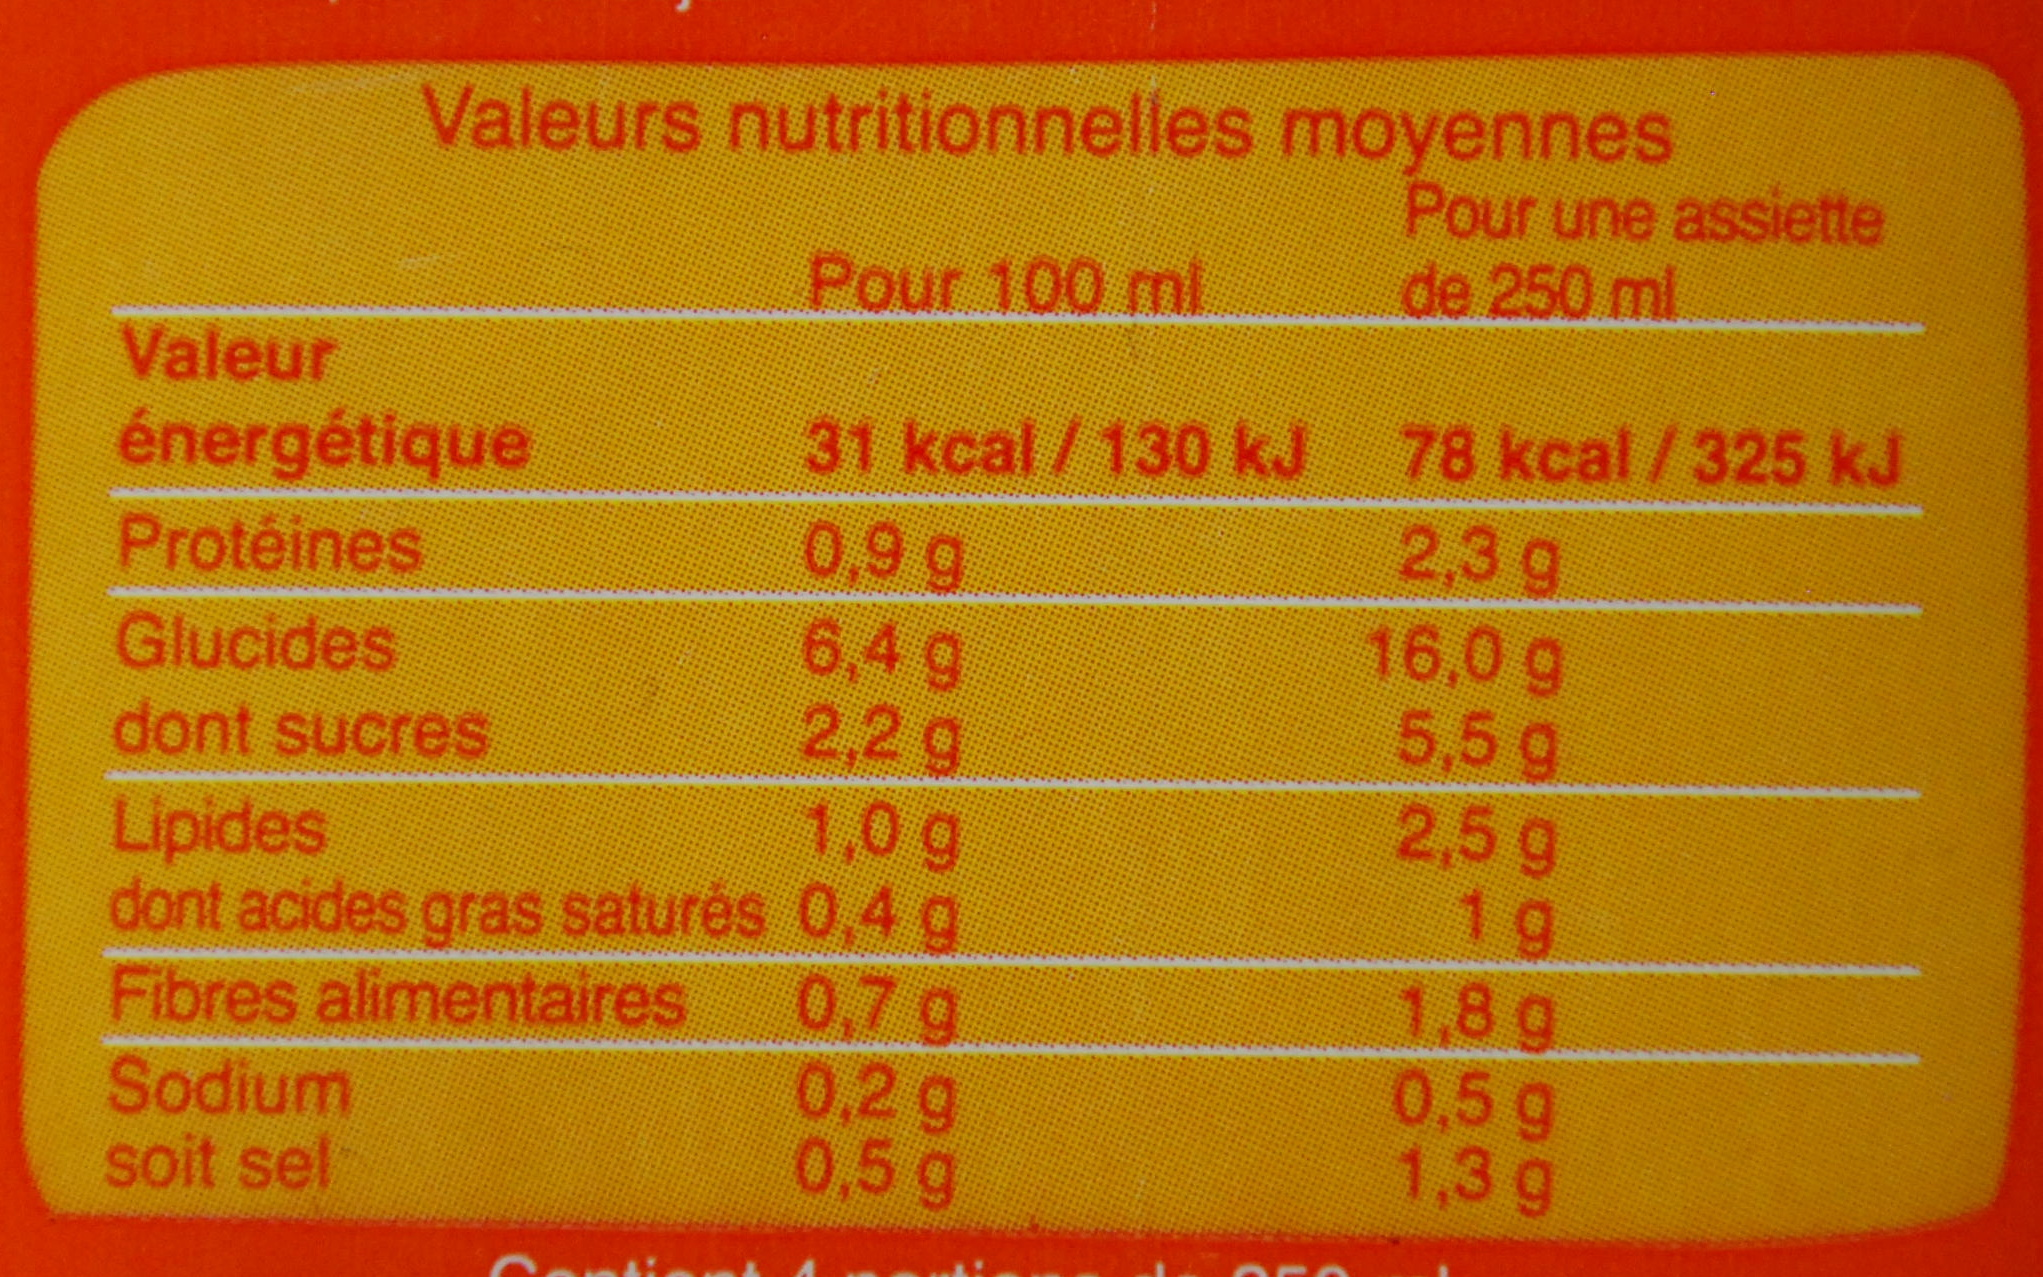 Velouté de légumes variés - Nutrition facts